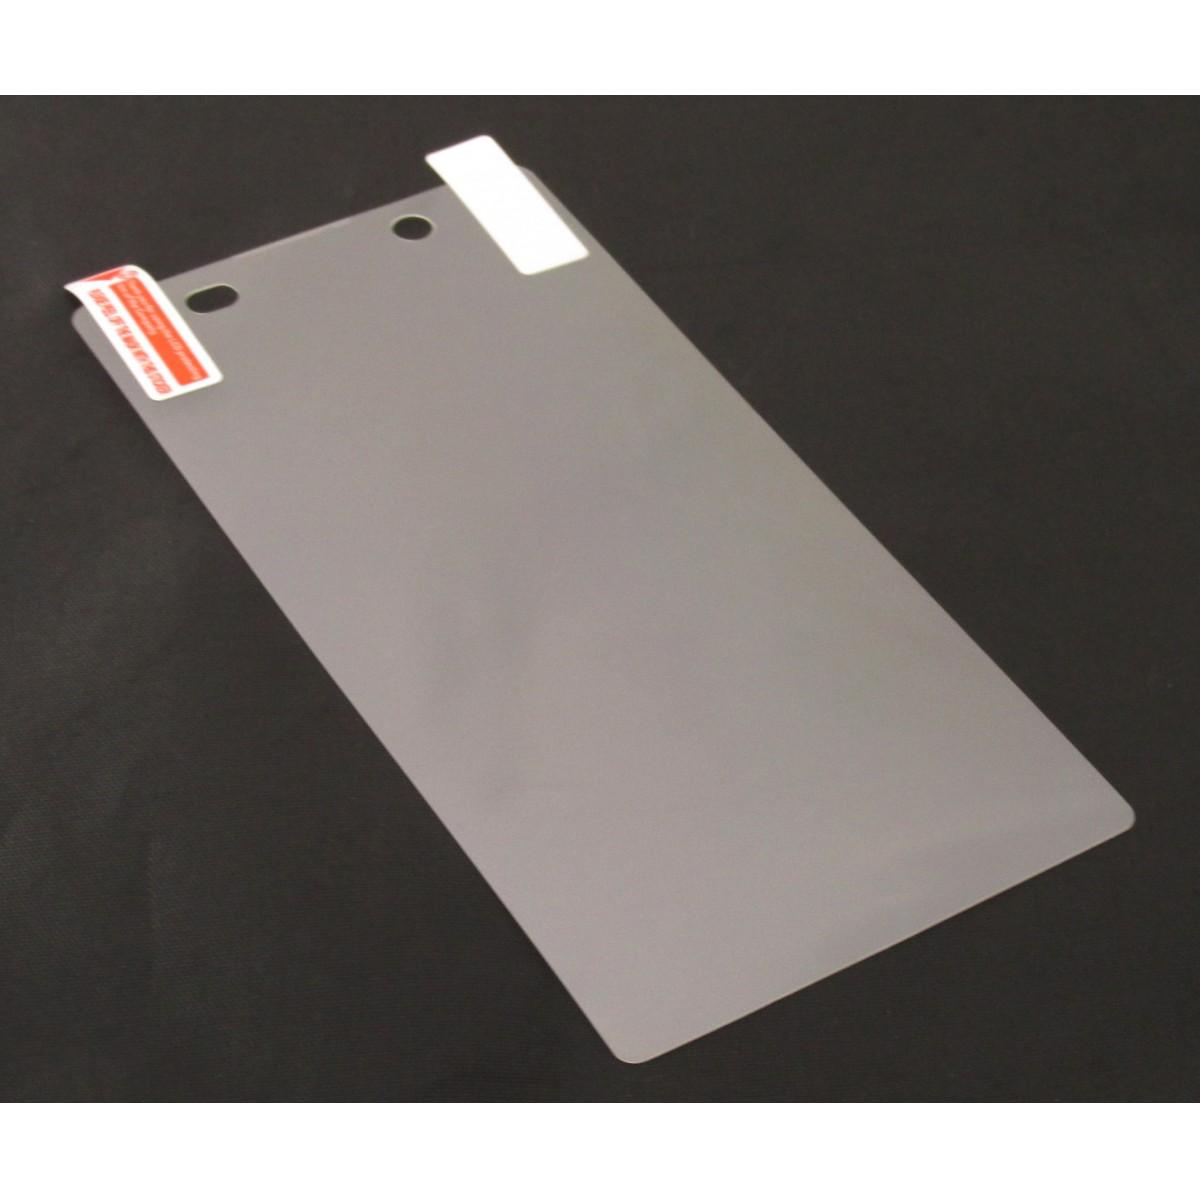 Pelicula protetora para Sony Xperia Z2 D6502 D6503 D6543 Transparente